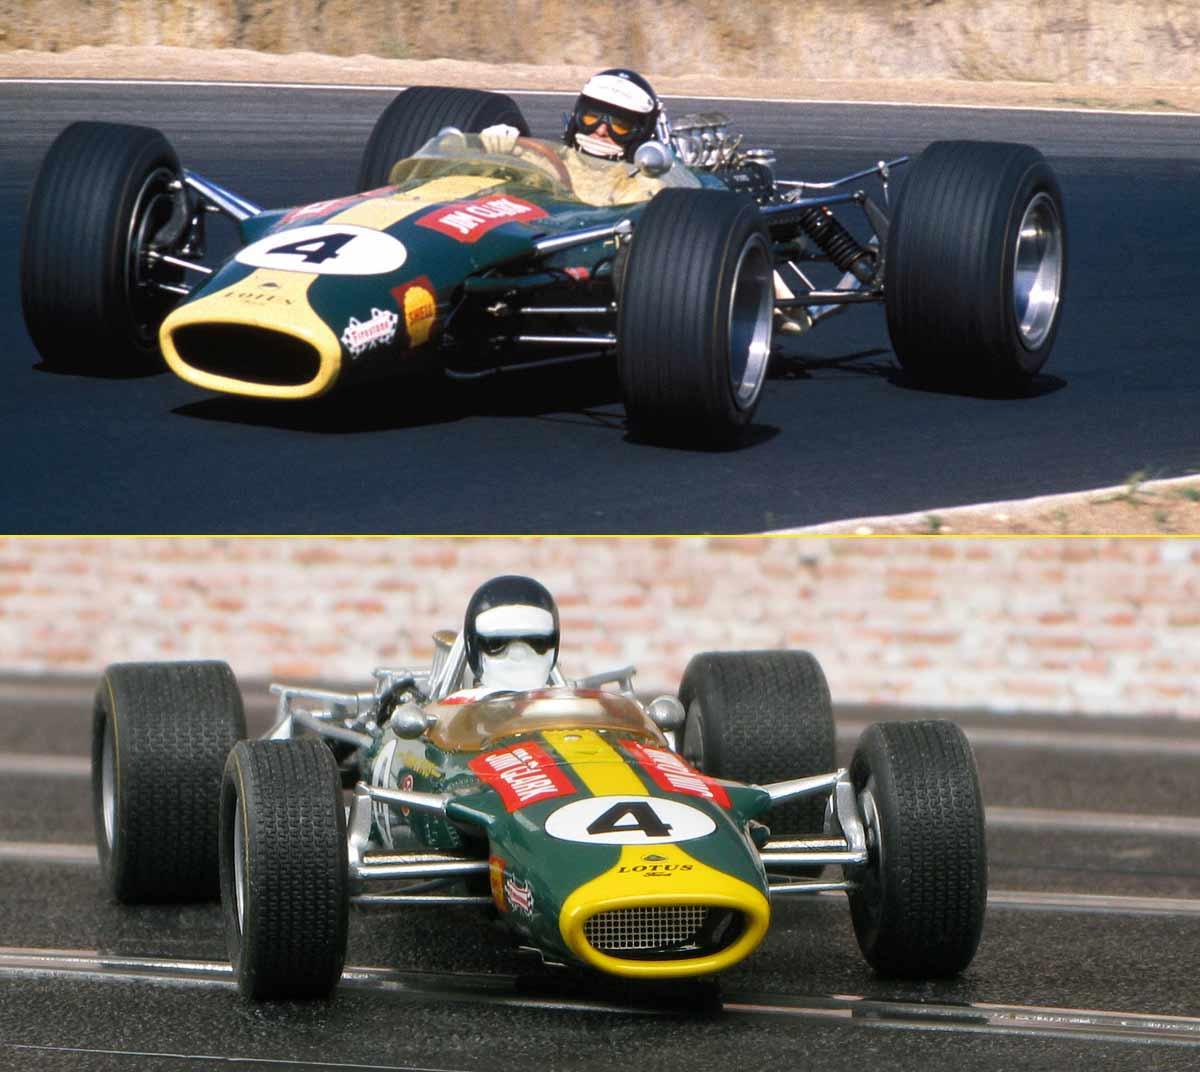 Edición del coche de Scalextric del piloto británioco Jim Clark